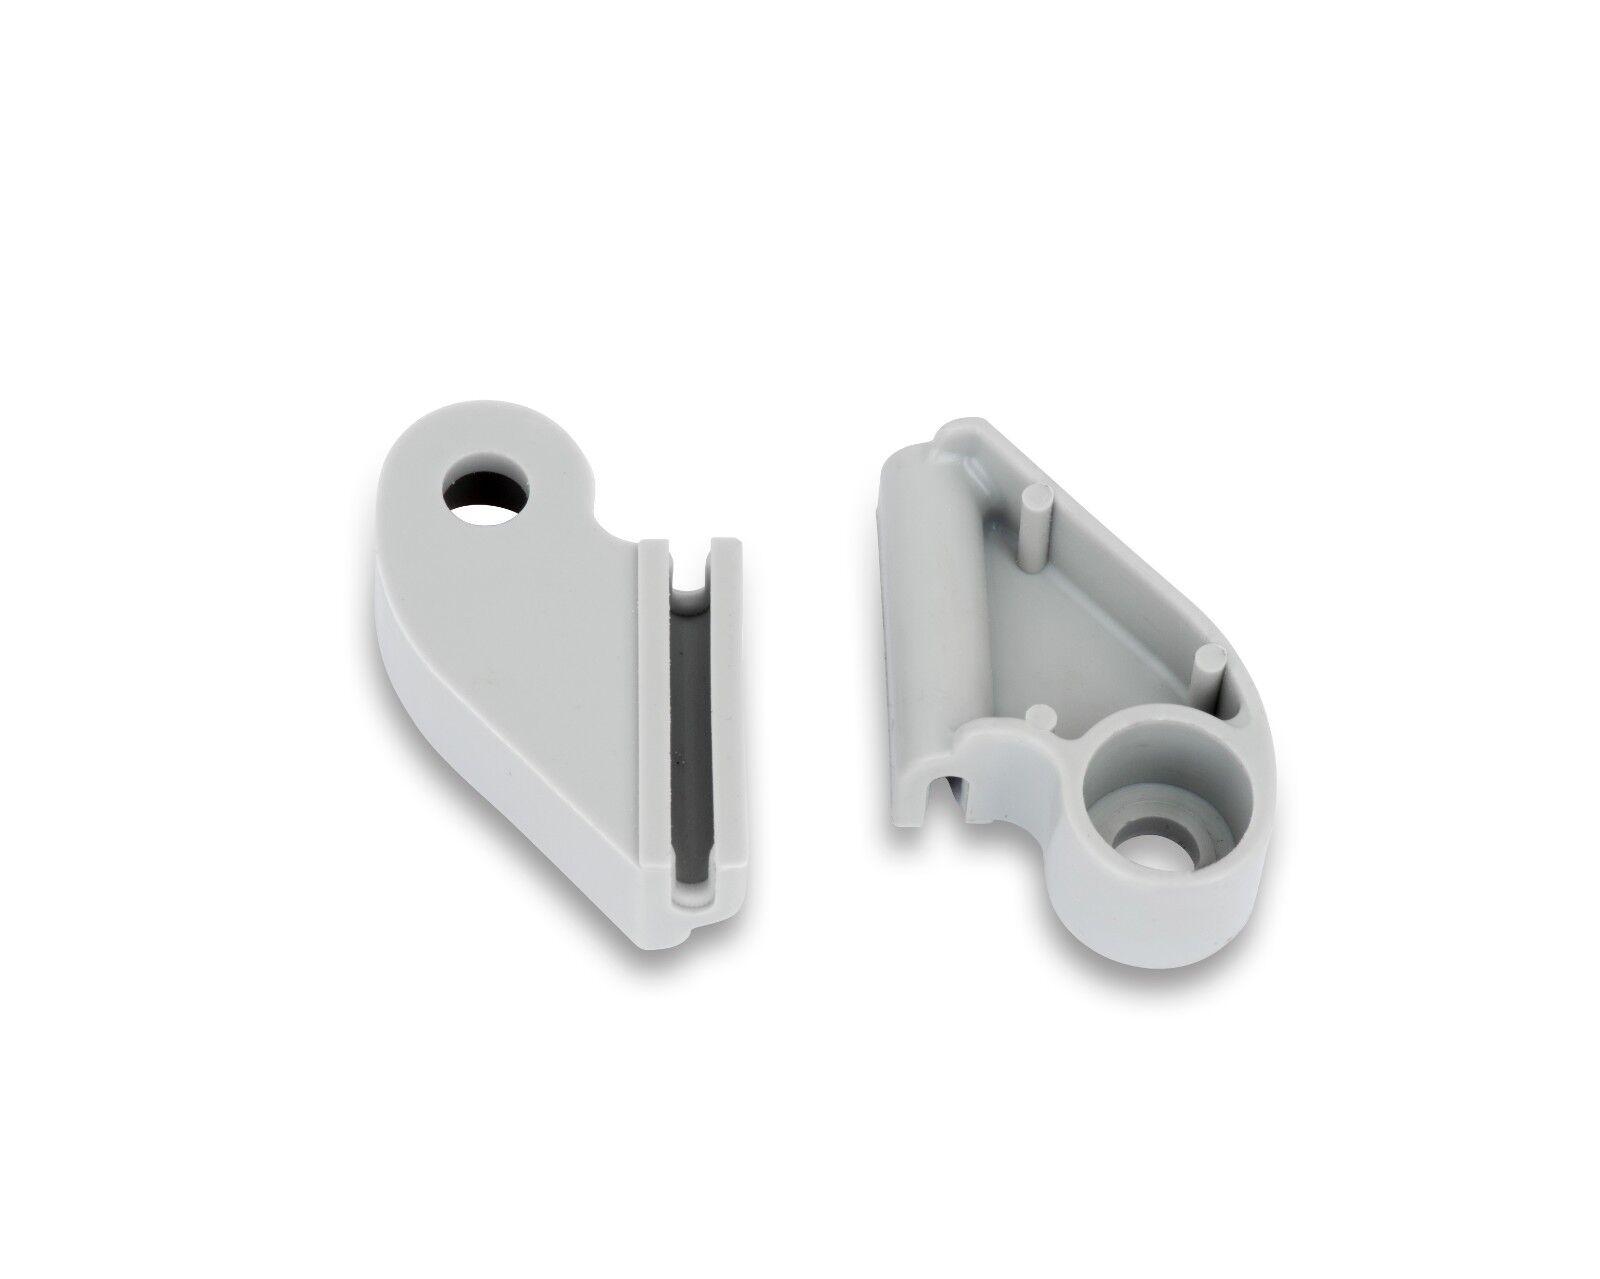 2 X Shower Door Guides For Some Coram Shower Door Models Ebay